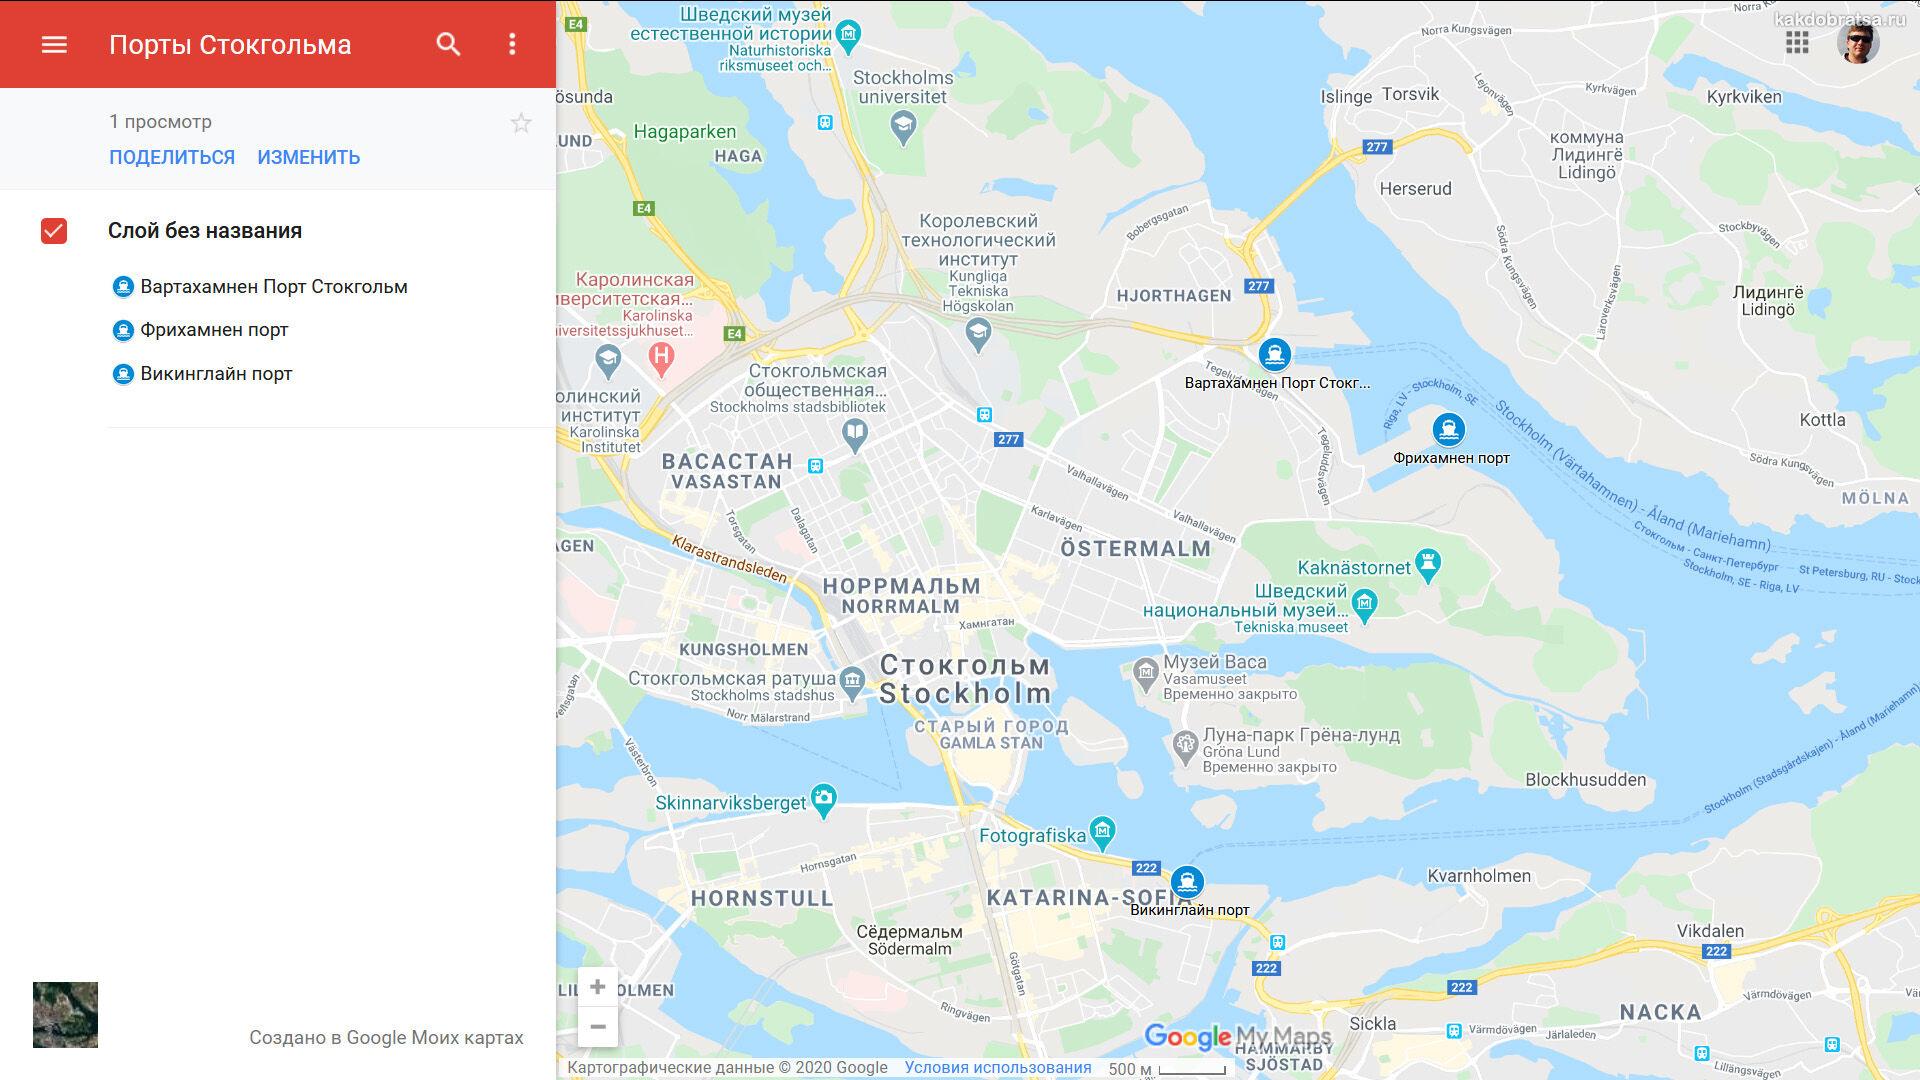 Порт и паромный терминал в Стокгольм на карте